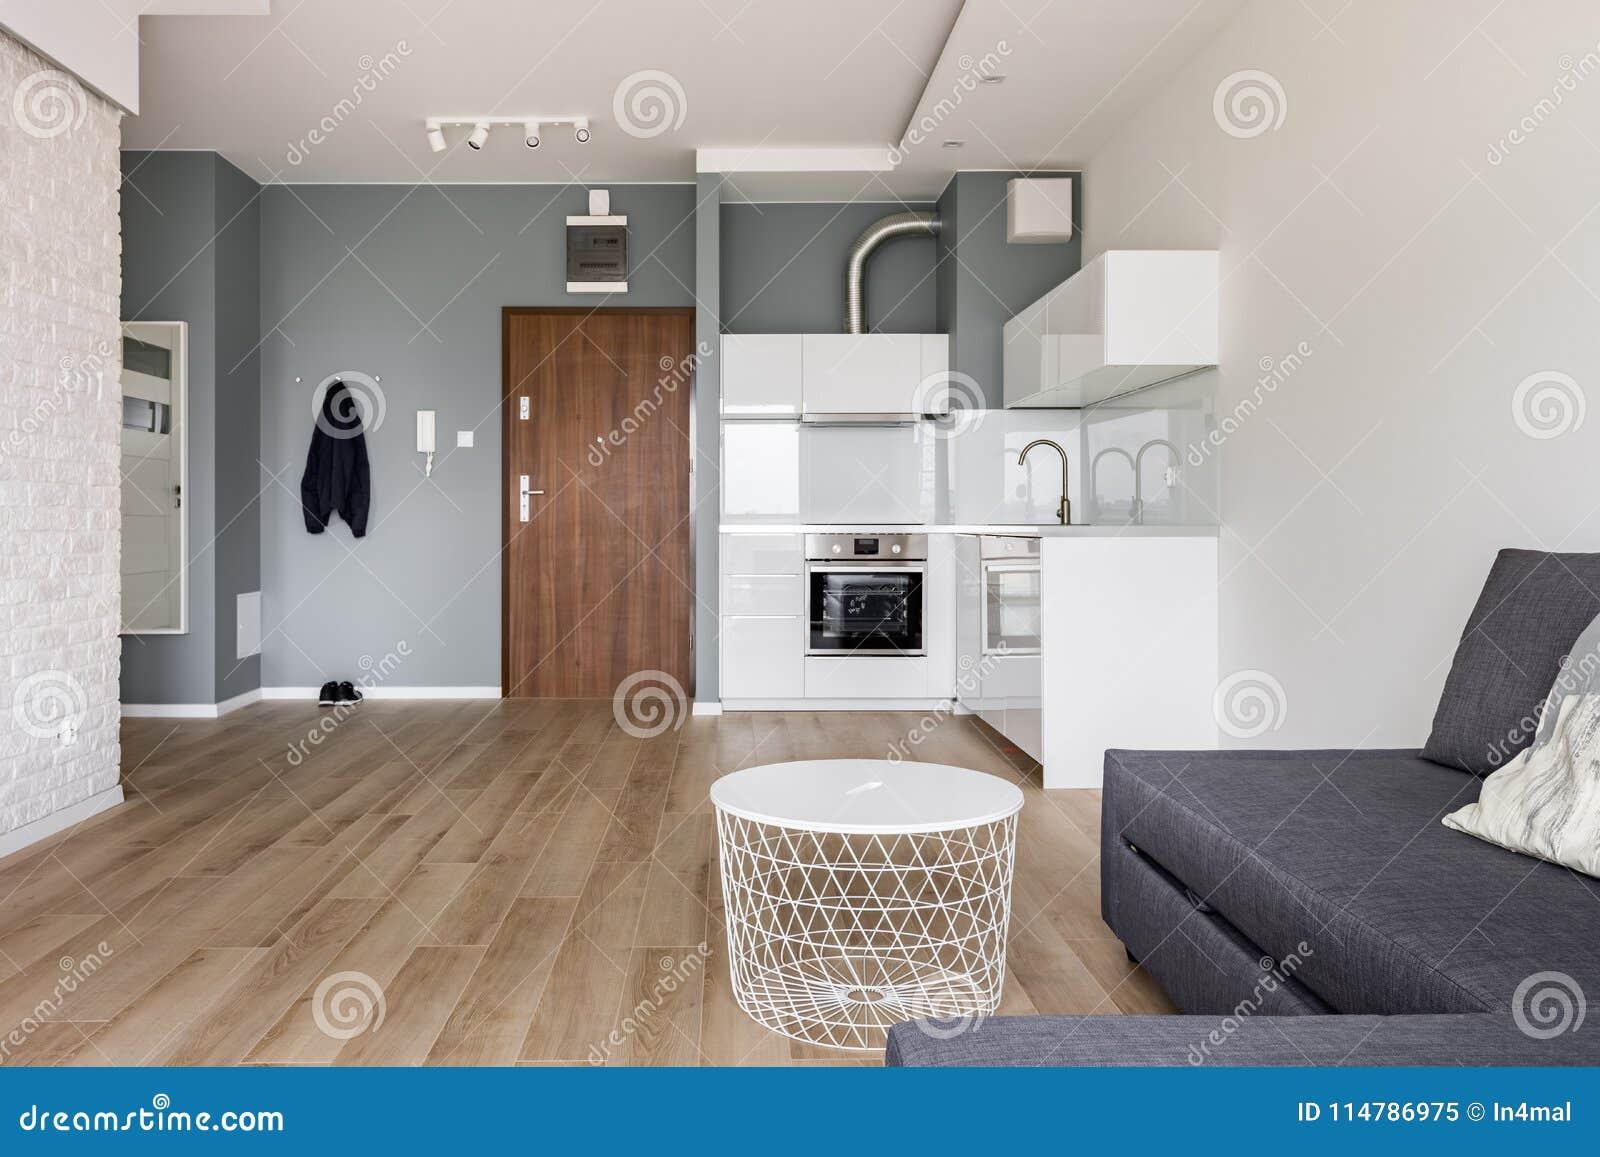 Einzimmerwohnung Mit Kleiner Küche Stockbild - Bild von leben, couch ...